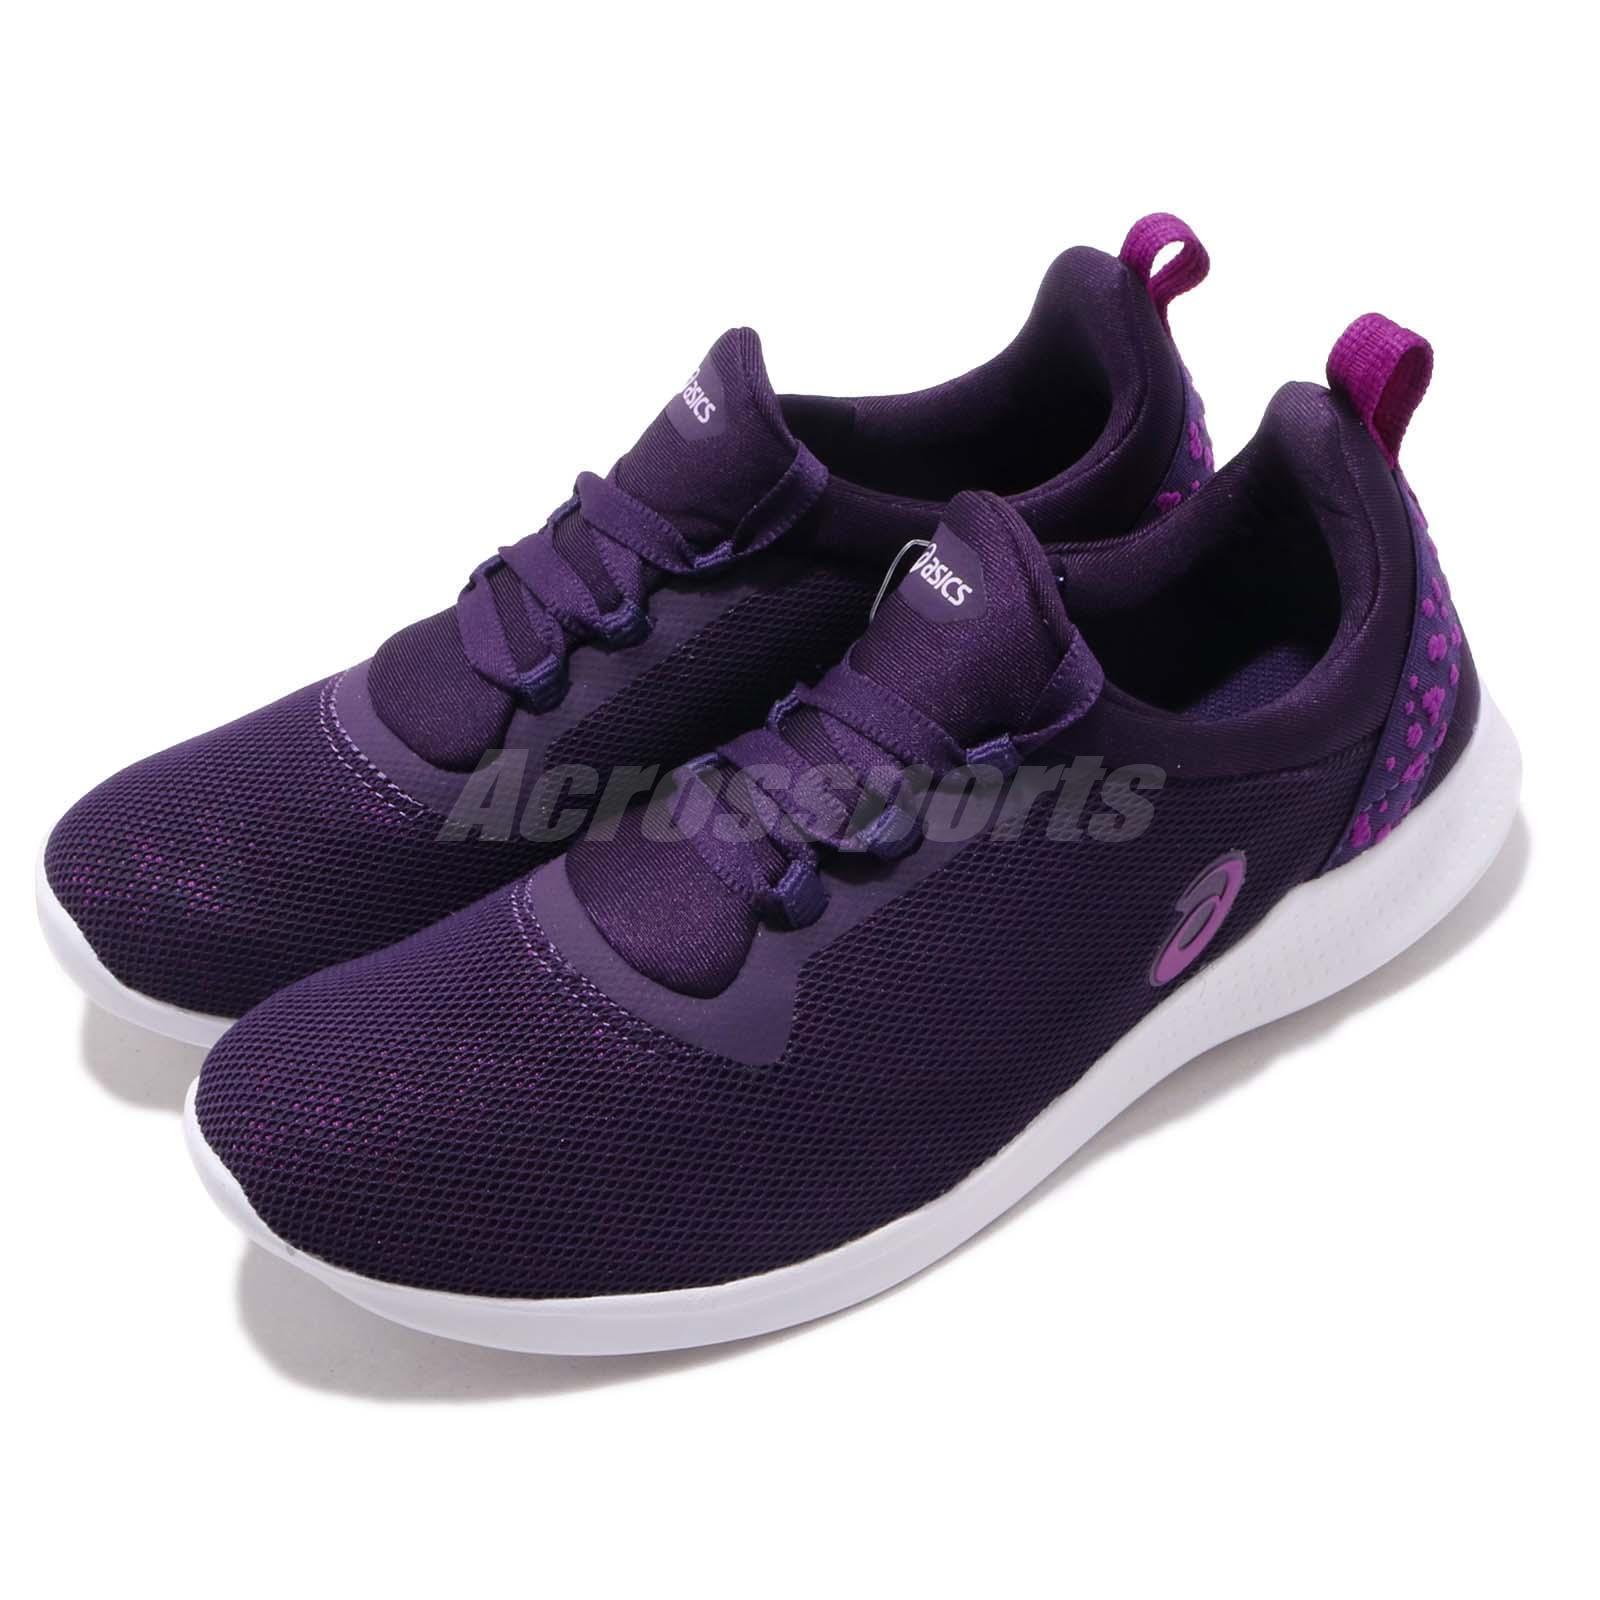 Asics Fit sana 4 4 4 Púrpura Para Mujer Fitness Entrenamiento Cruzado Zapatos De 1032A004-500 20ecf6